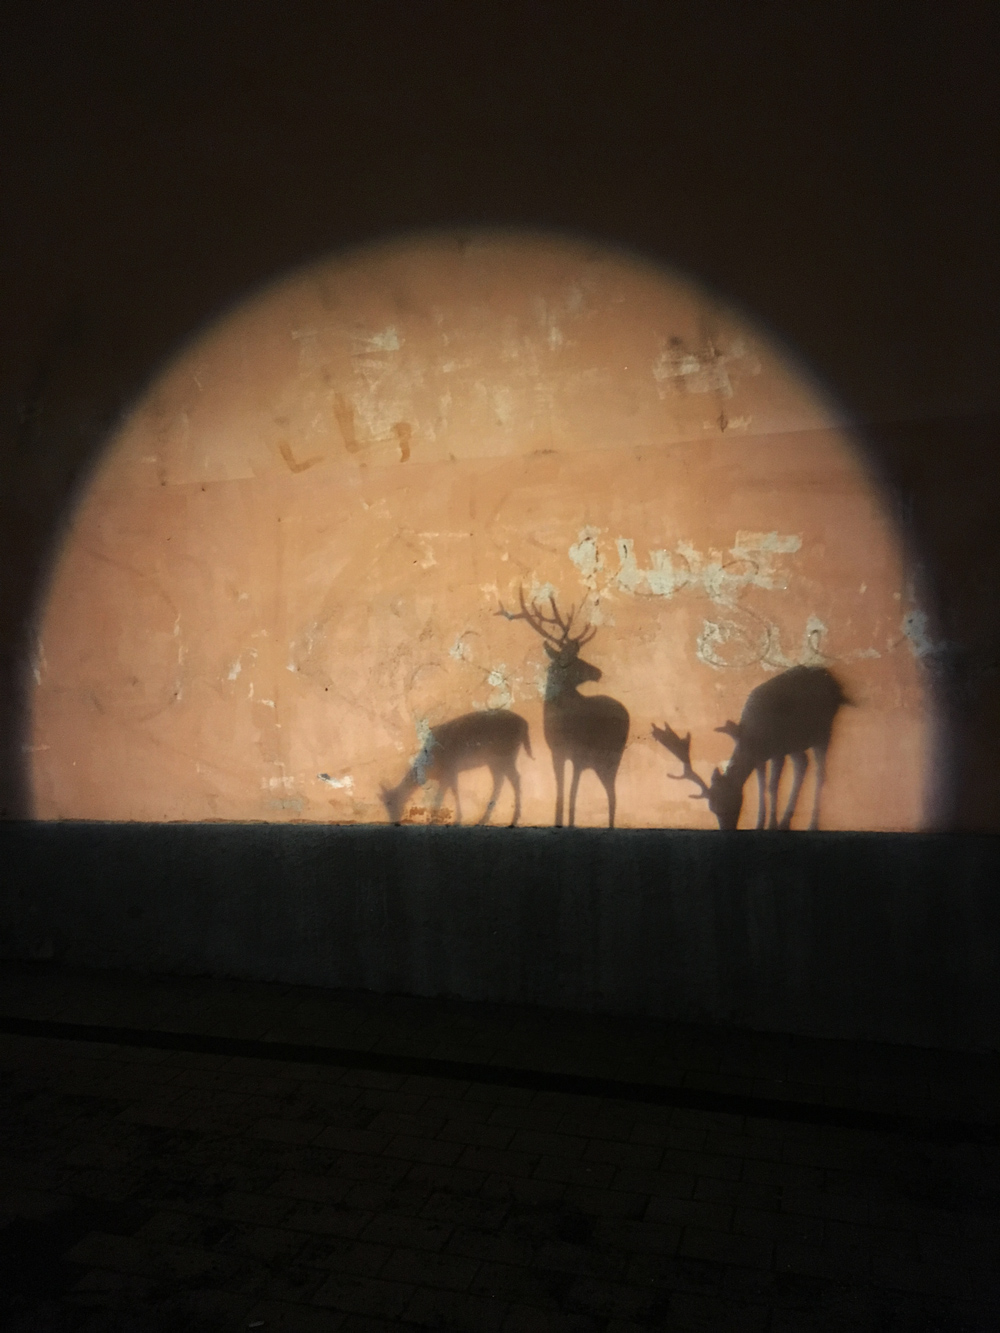 Okänd titel (Hjortar i silhuett på vägg), Okänd konstnär, gatukonst Hjorthagen